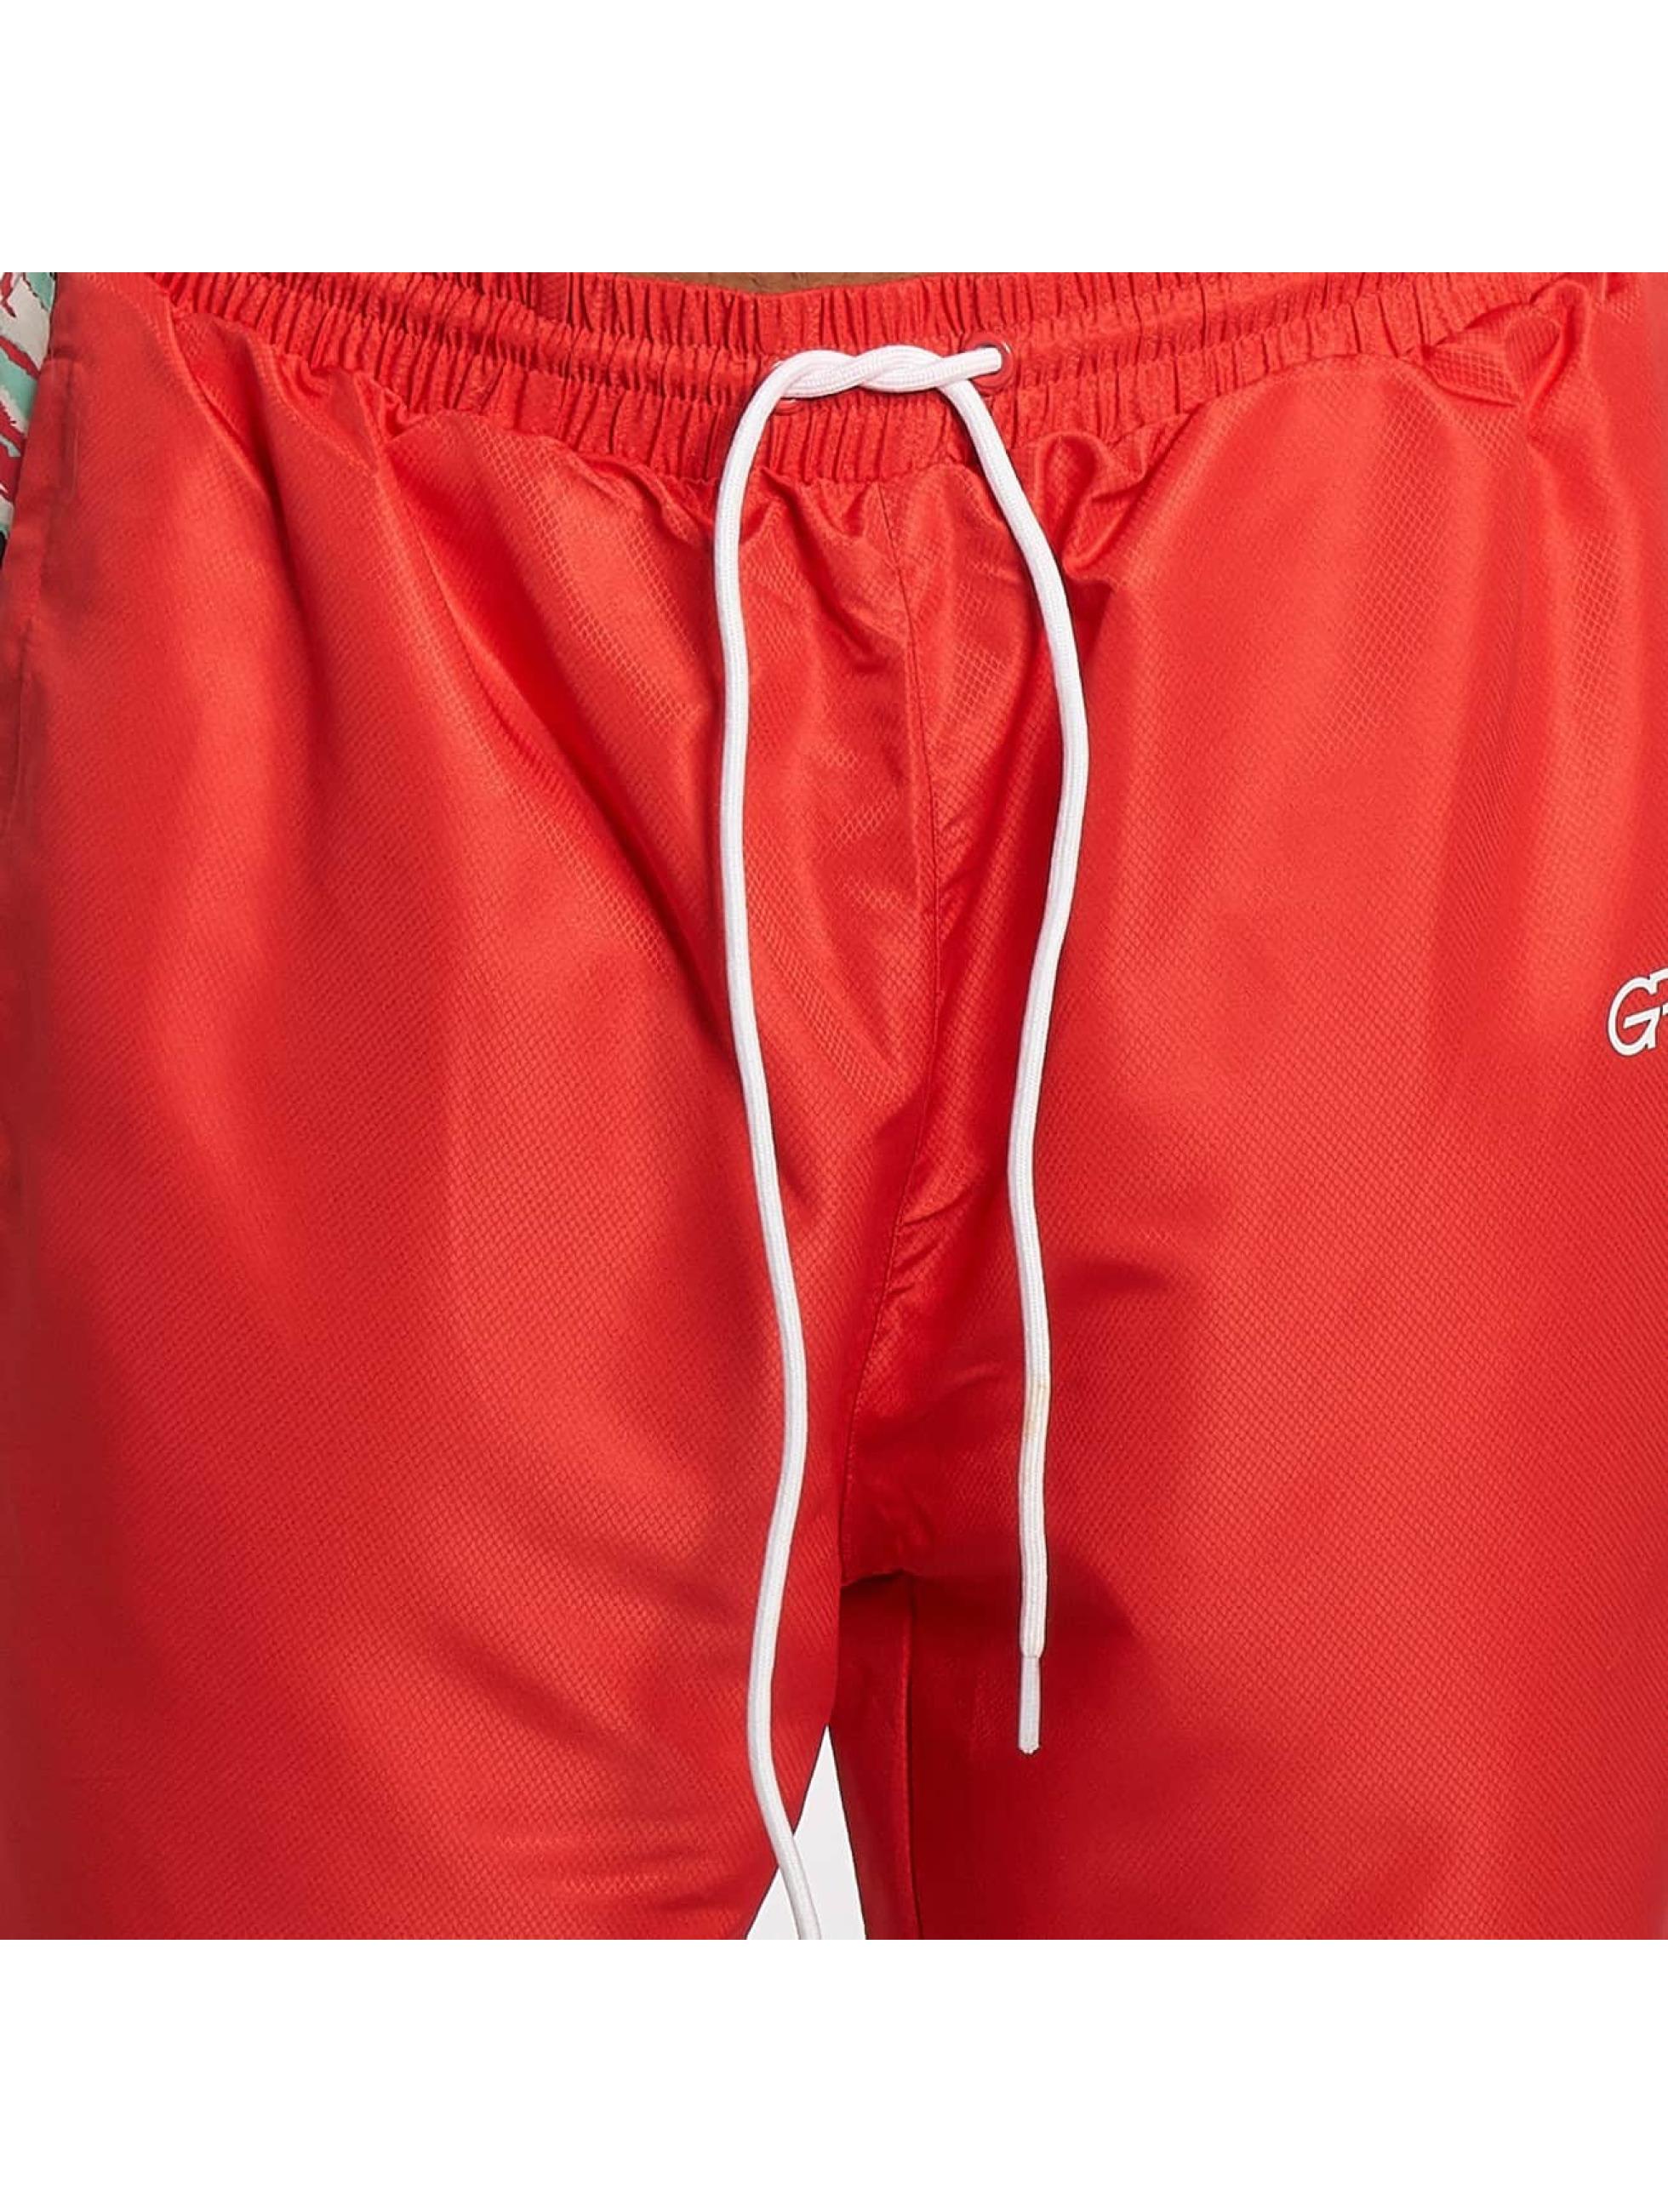 Grimey Wear Spodnie do joggingu Mangusta V8 czerwony